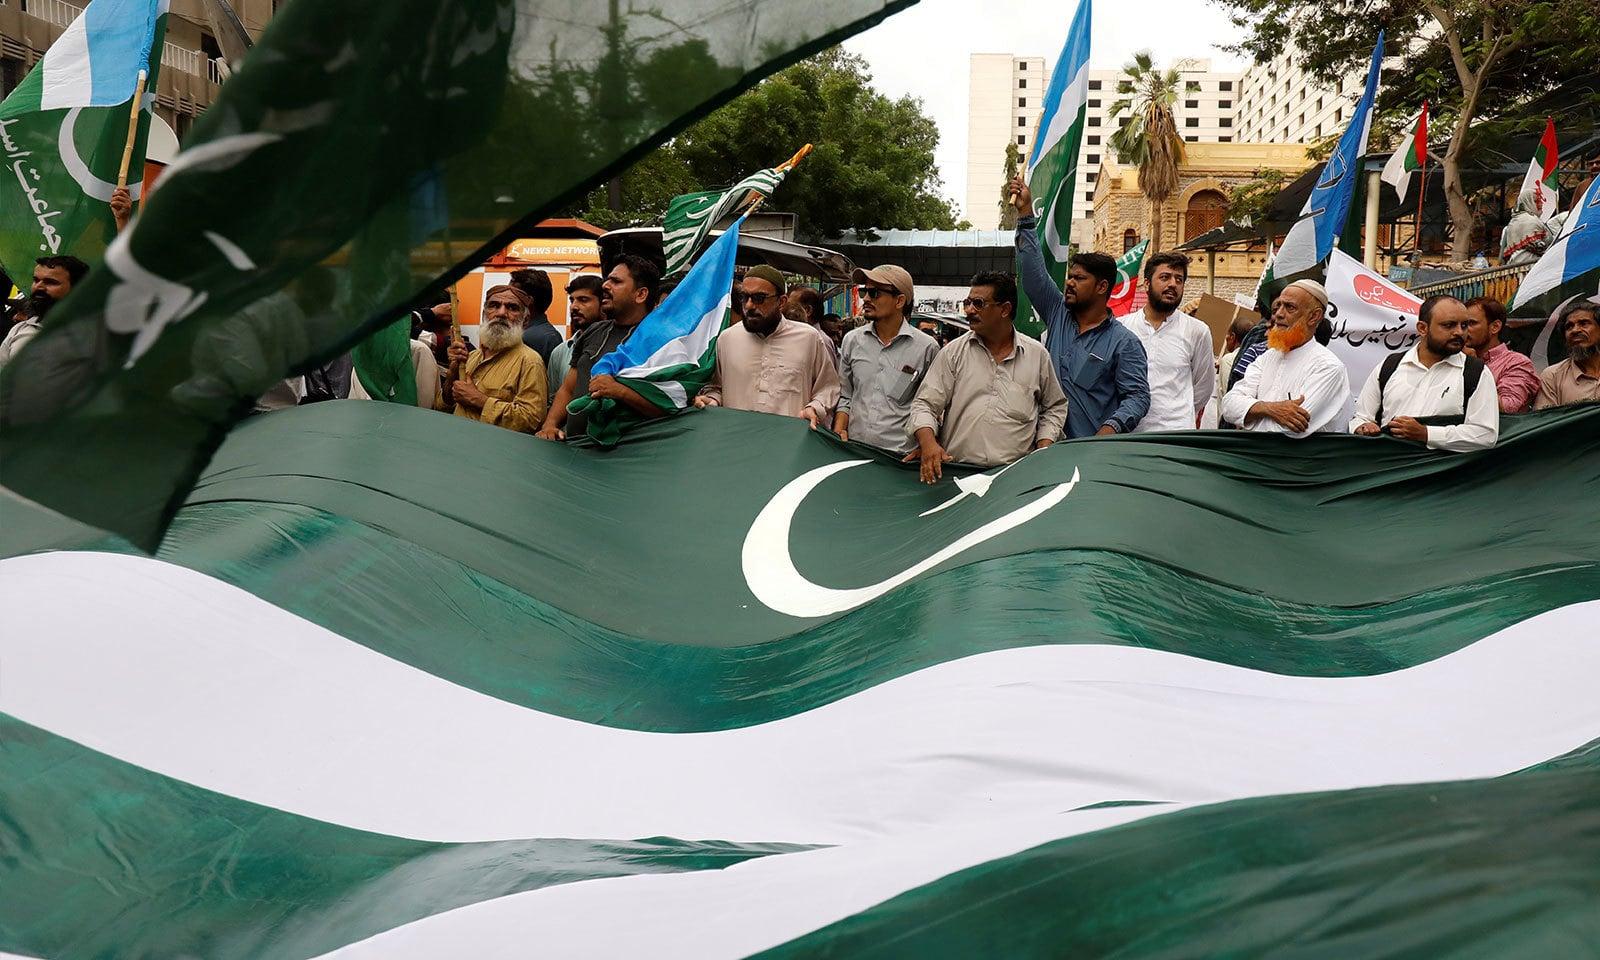 کراچی میں عوام کی بڑی تعداد نے بھارتی فیصلے پر احتجاج کیا — فوٹو: رائٹرز